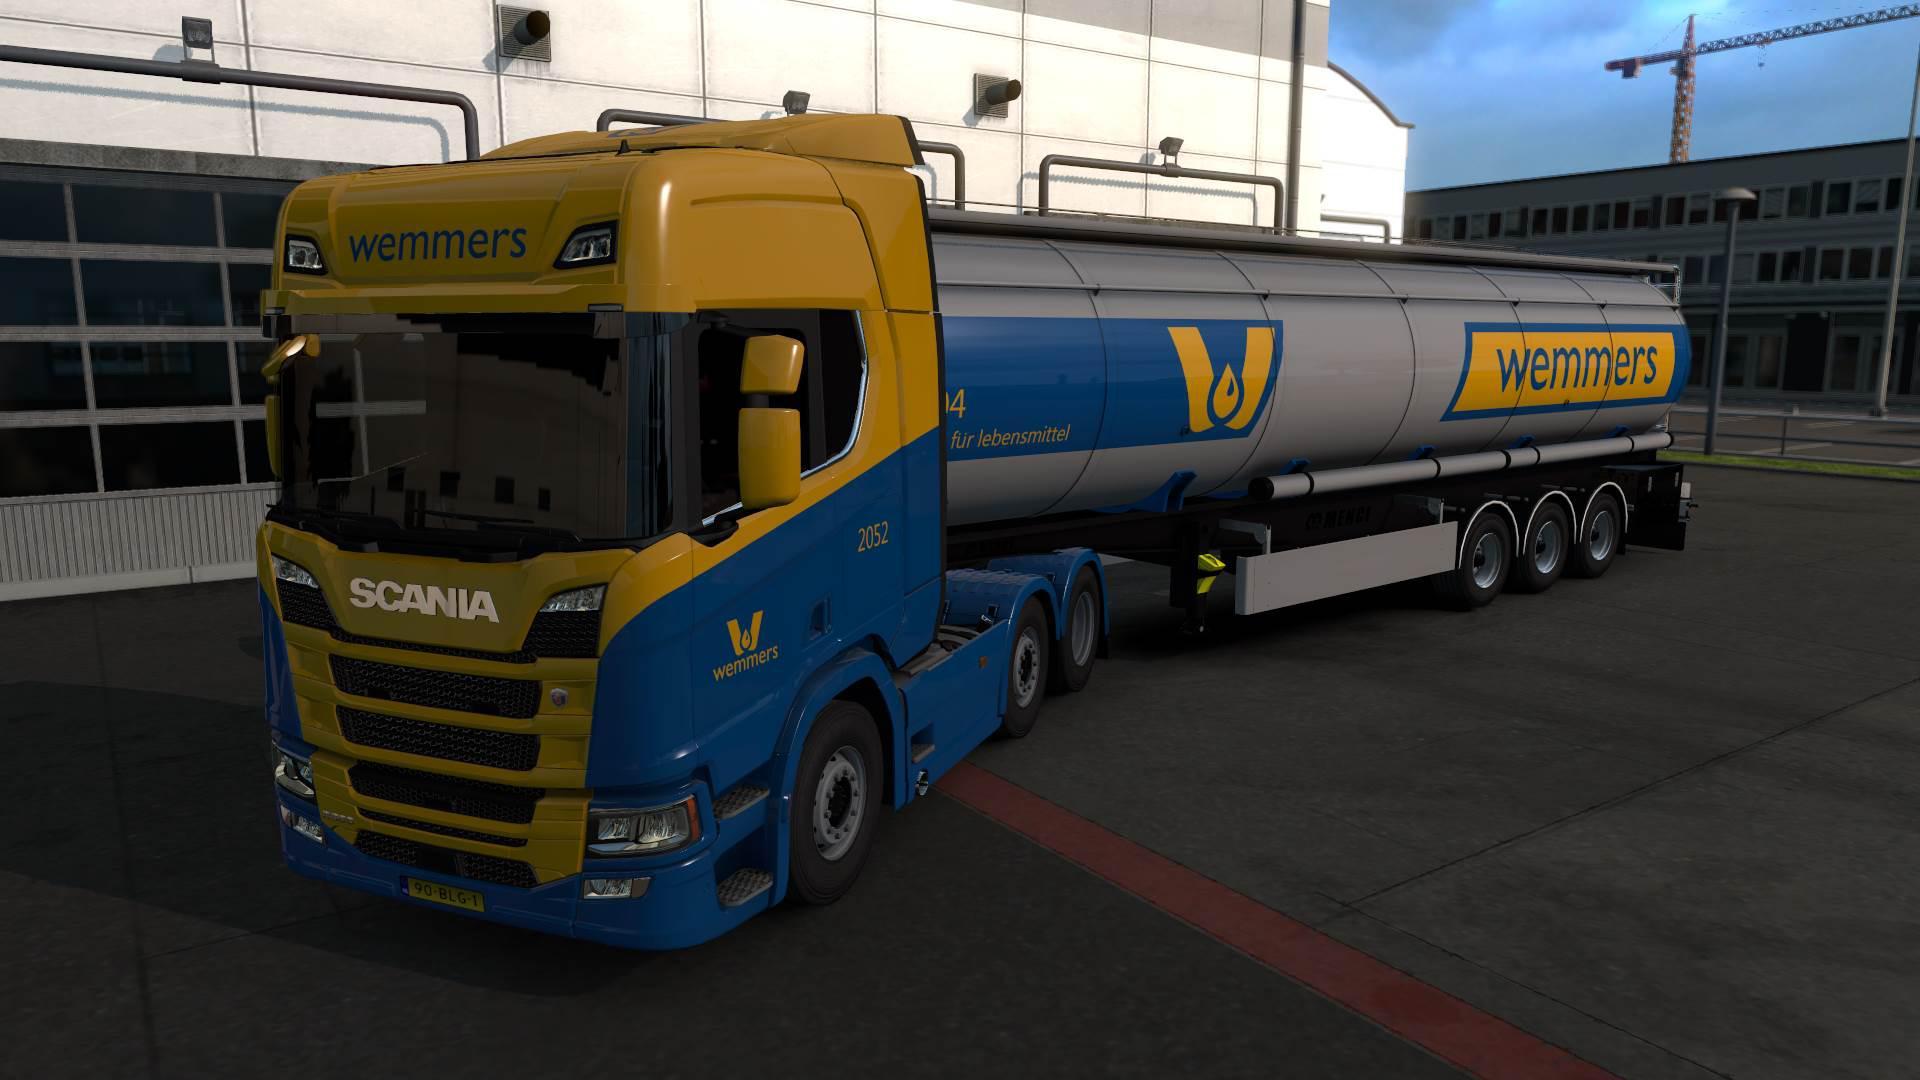 ETS2 - Wemmers Tanktransport Skin Pack V1.0